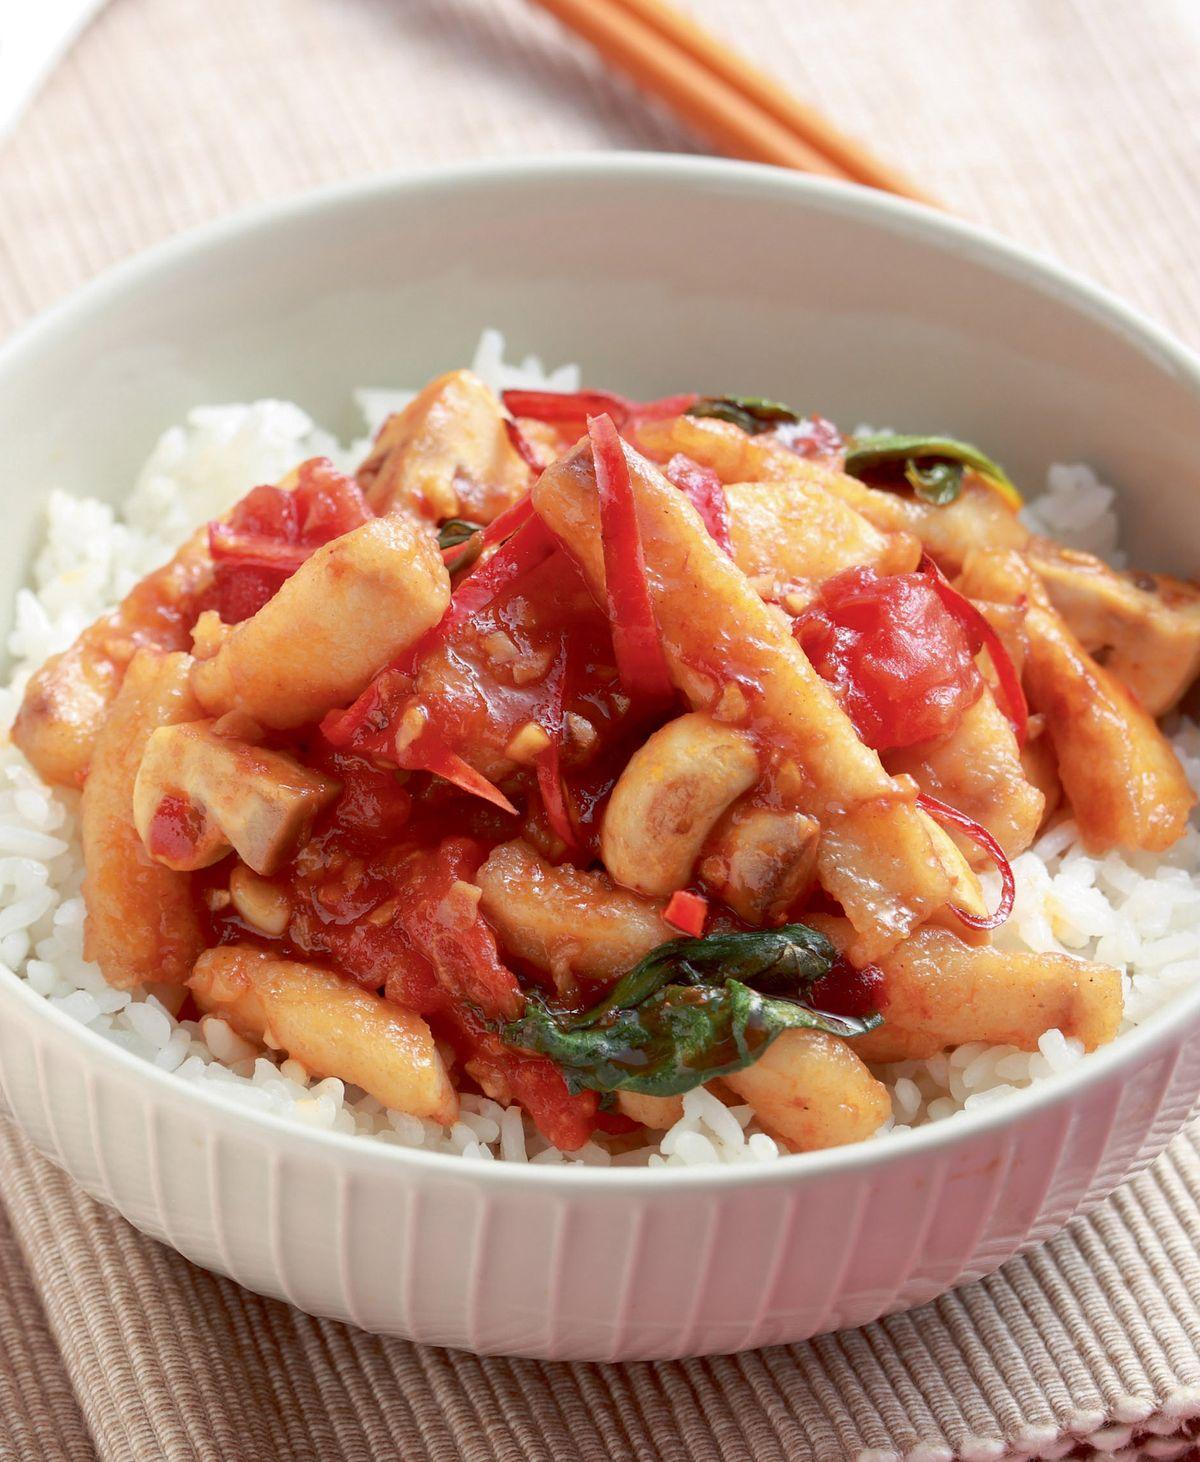 食譜:塔香辣炒魚柳蓋飯